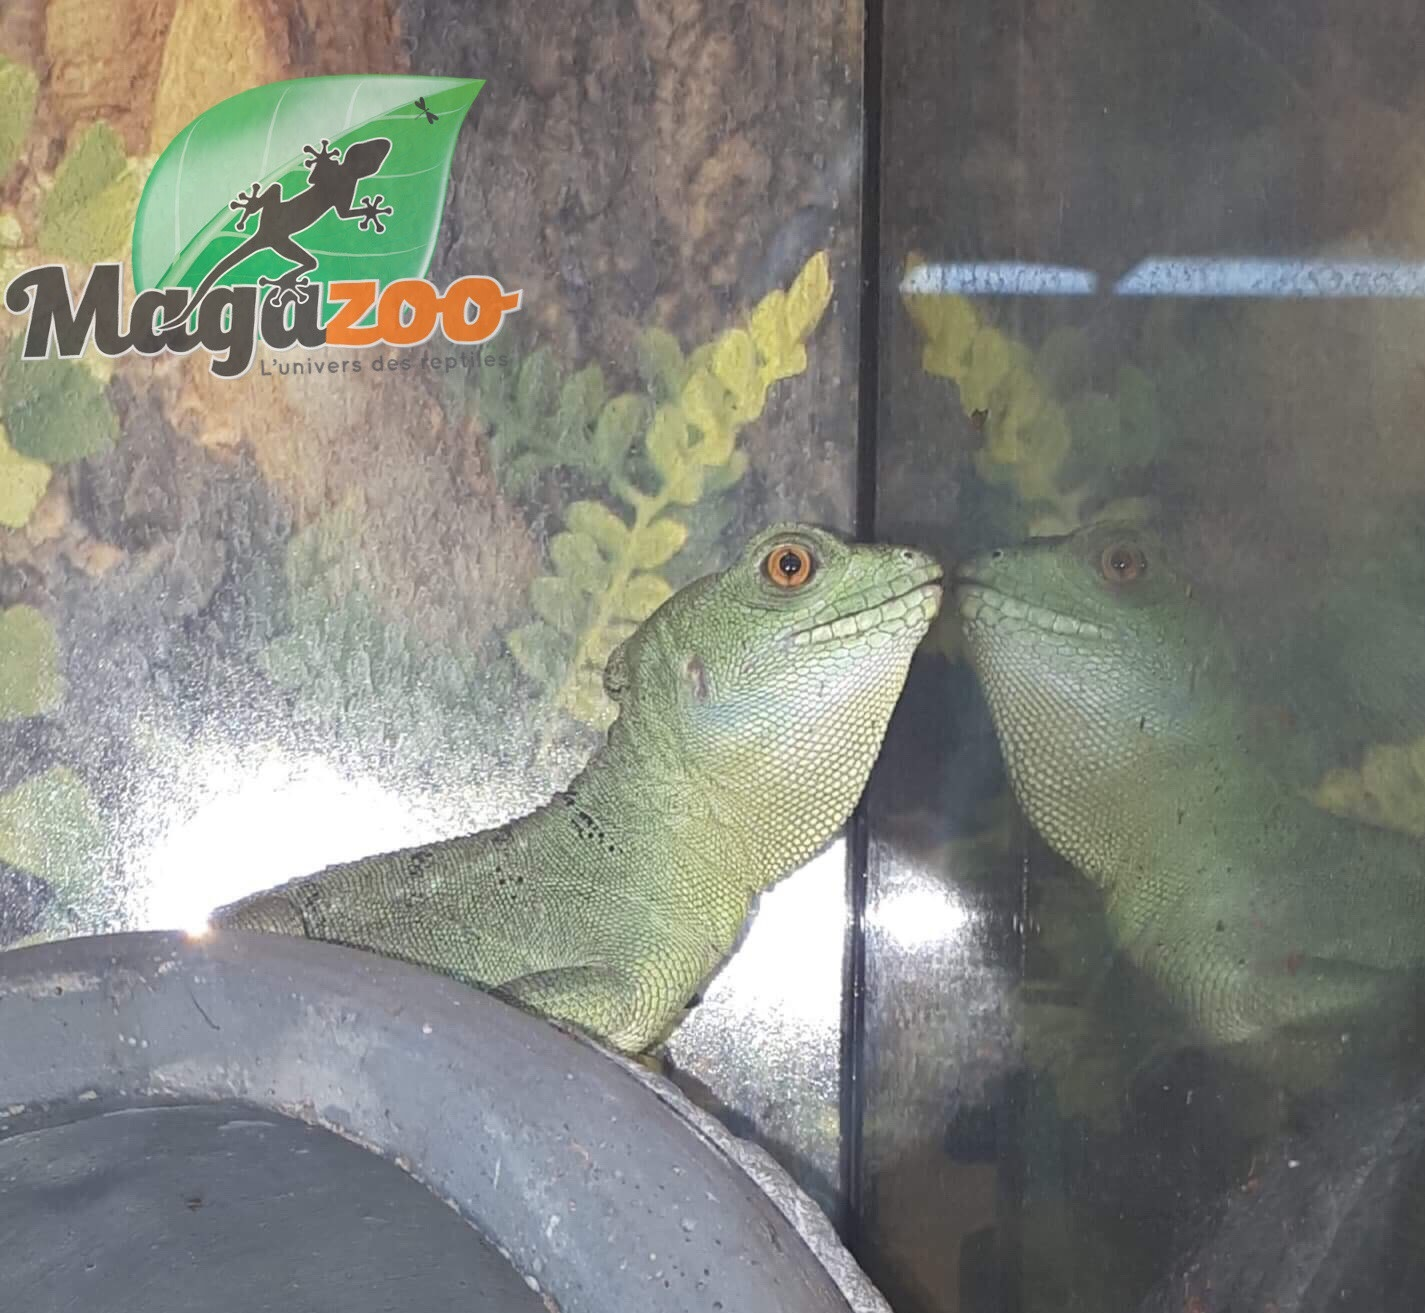 Magazoo Basilic vert femelle juvenil